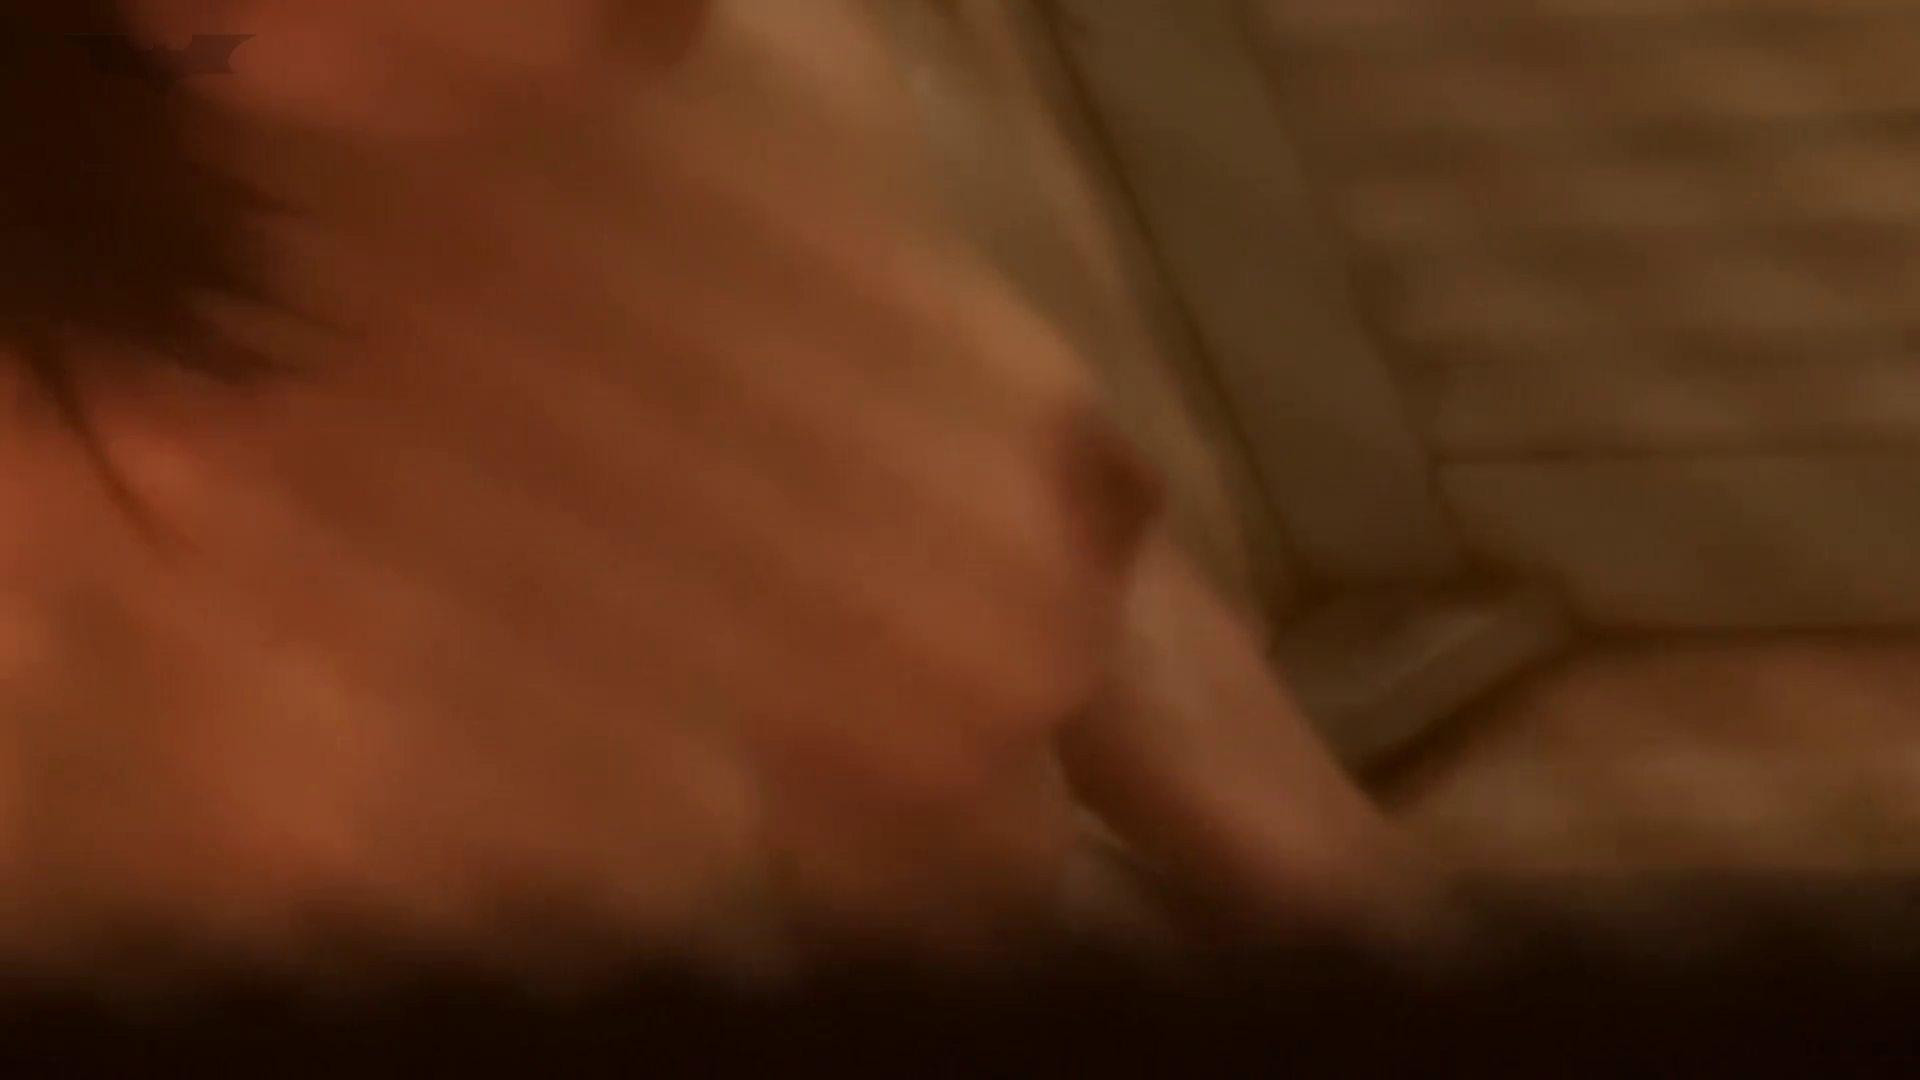 *華の女子寮ノゾキ* vol.02 Eカップがぷるぷる揺れるコ OL女体  95連発 57